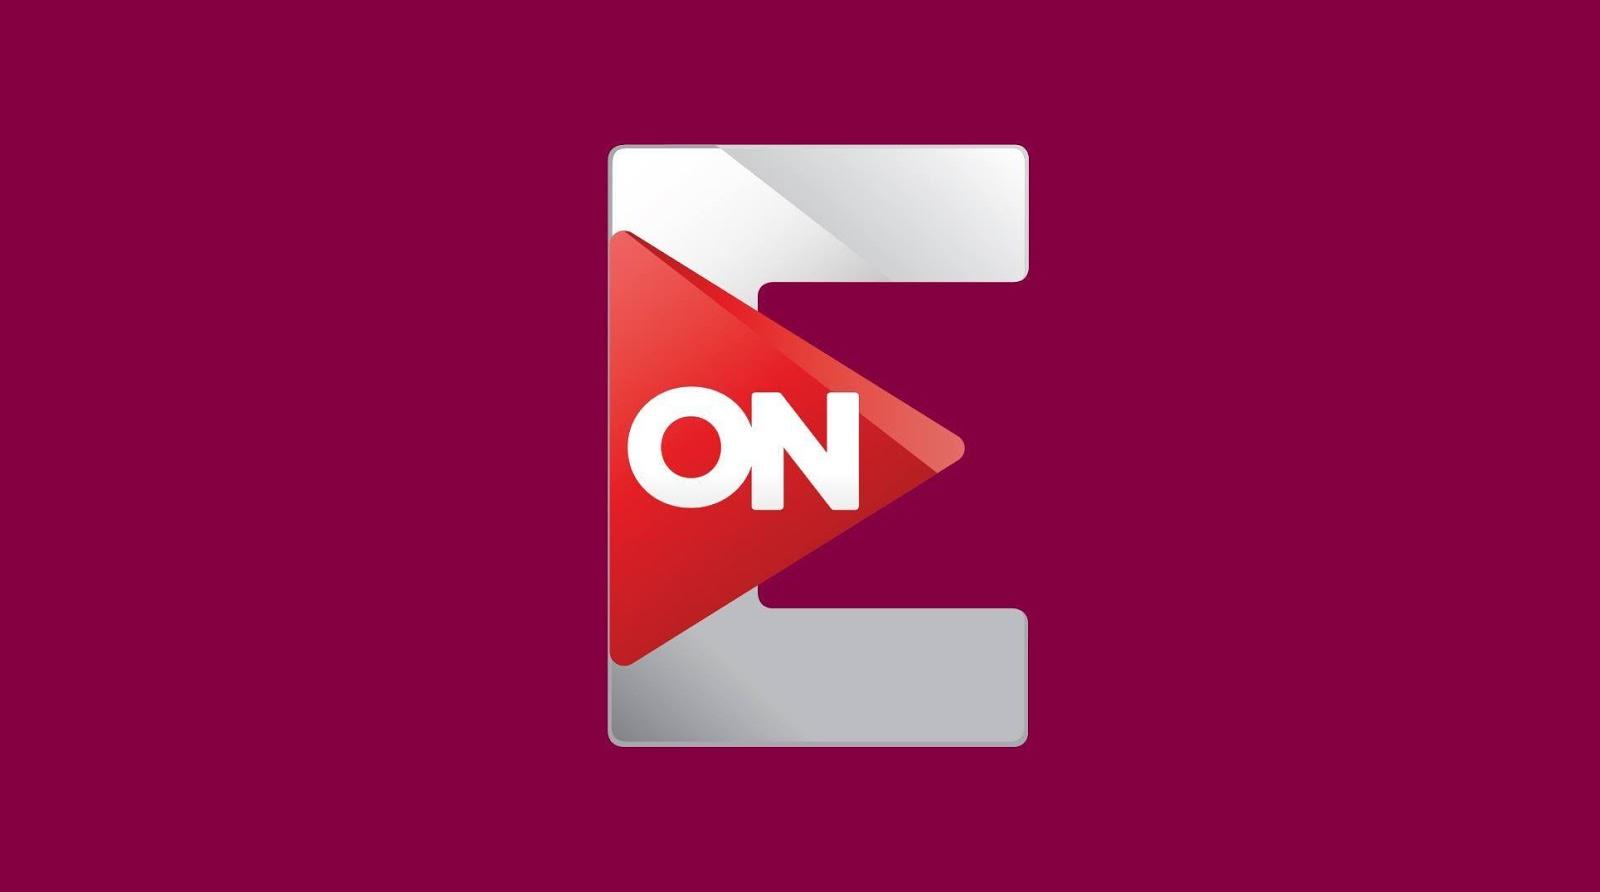 مشاهدة قناة أون إي ON E بث مباشر اون لاين جودة عالية